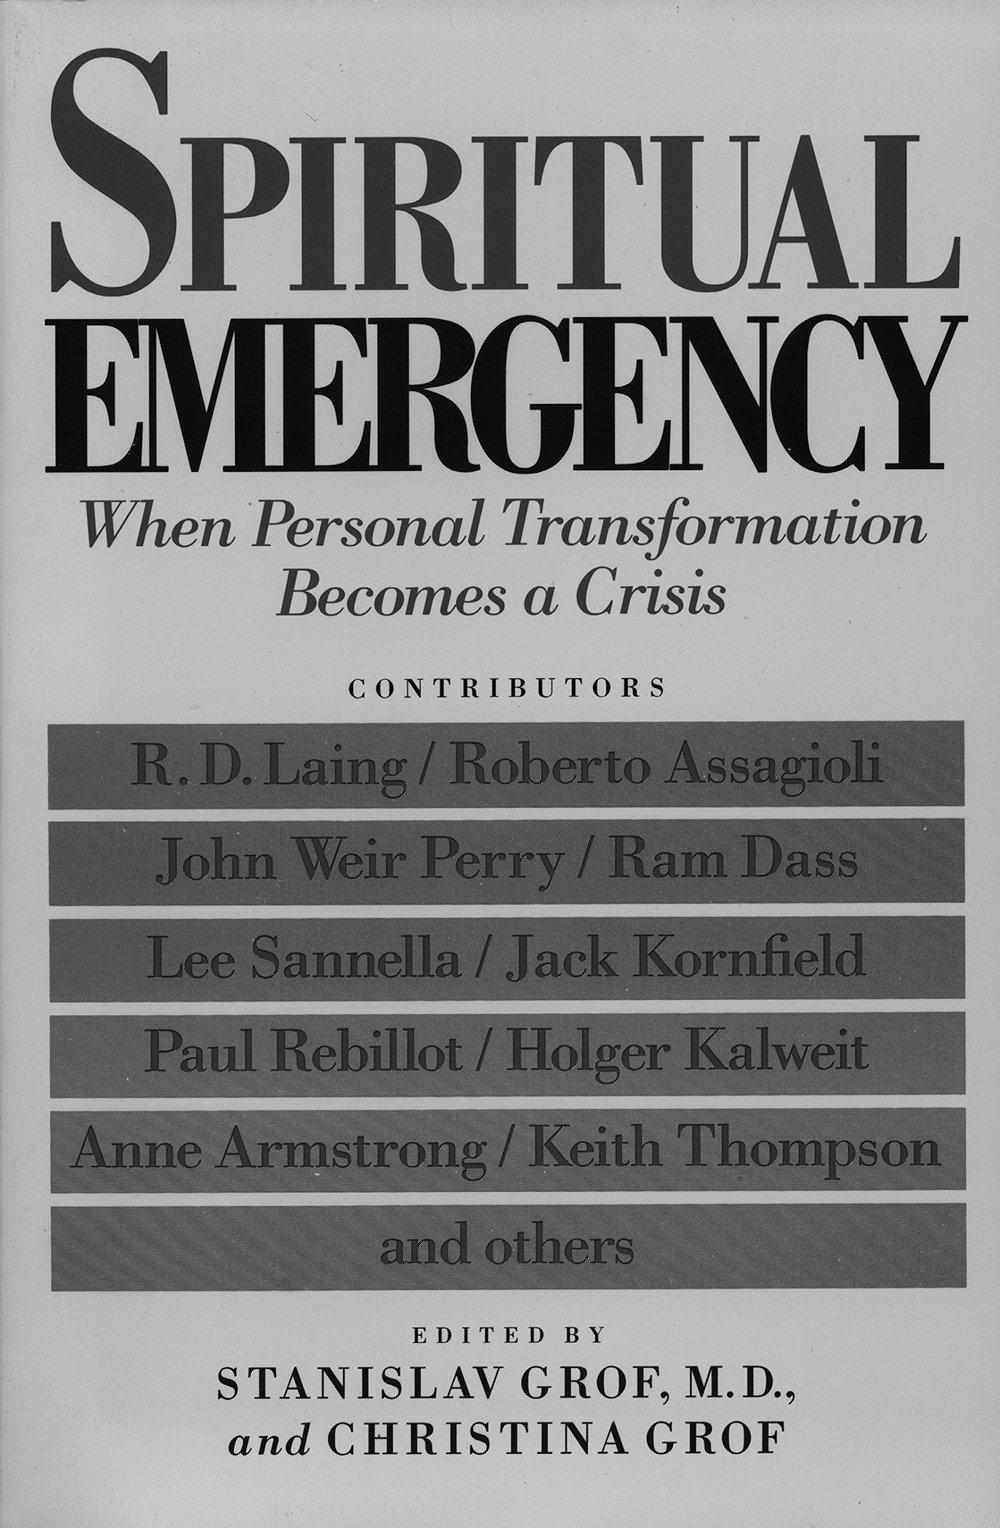 Spiritual Emergency.jpg